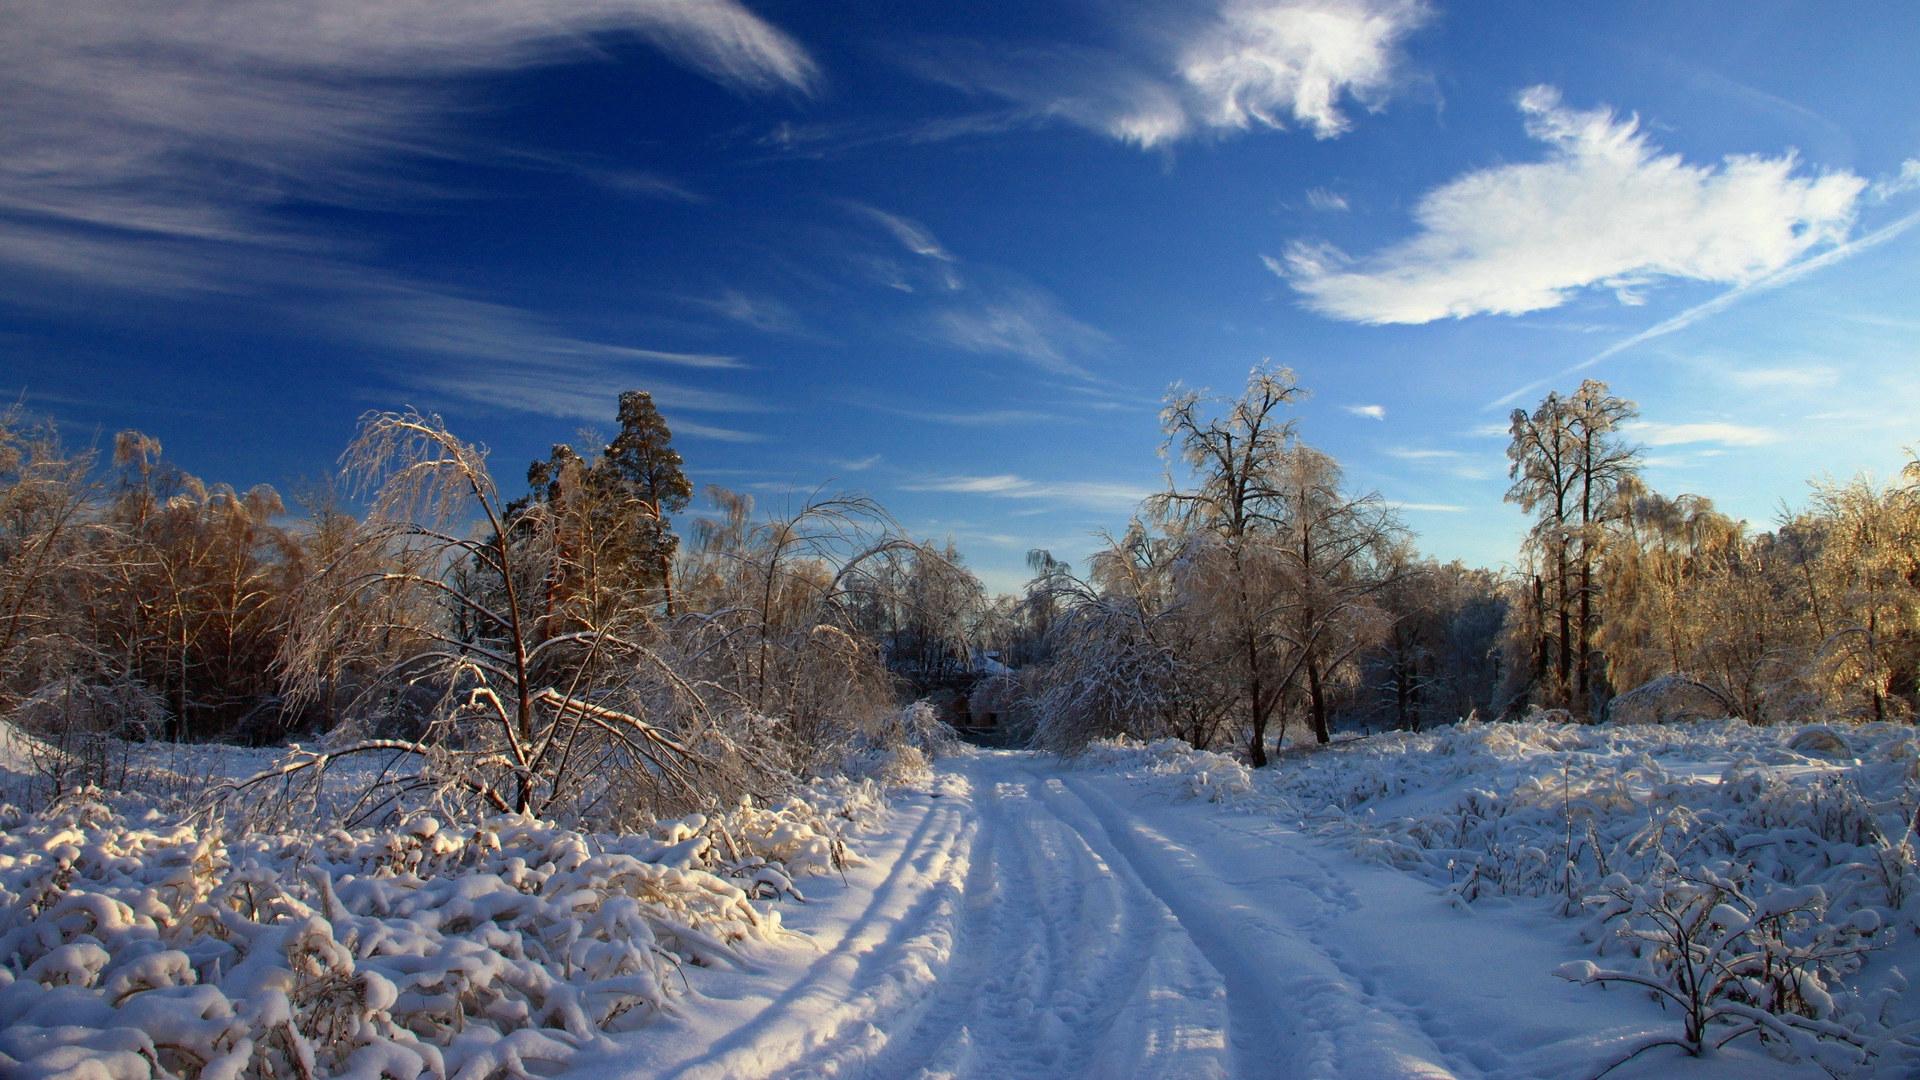 Обои начало зимы на рабочий стол (14)